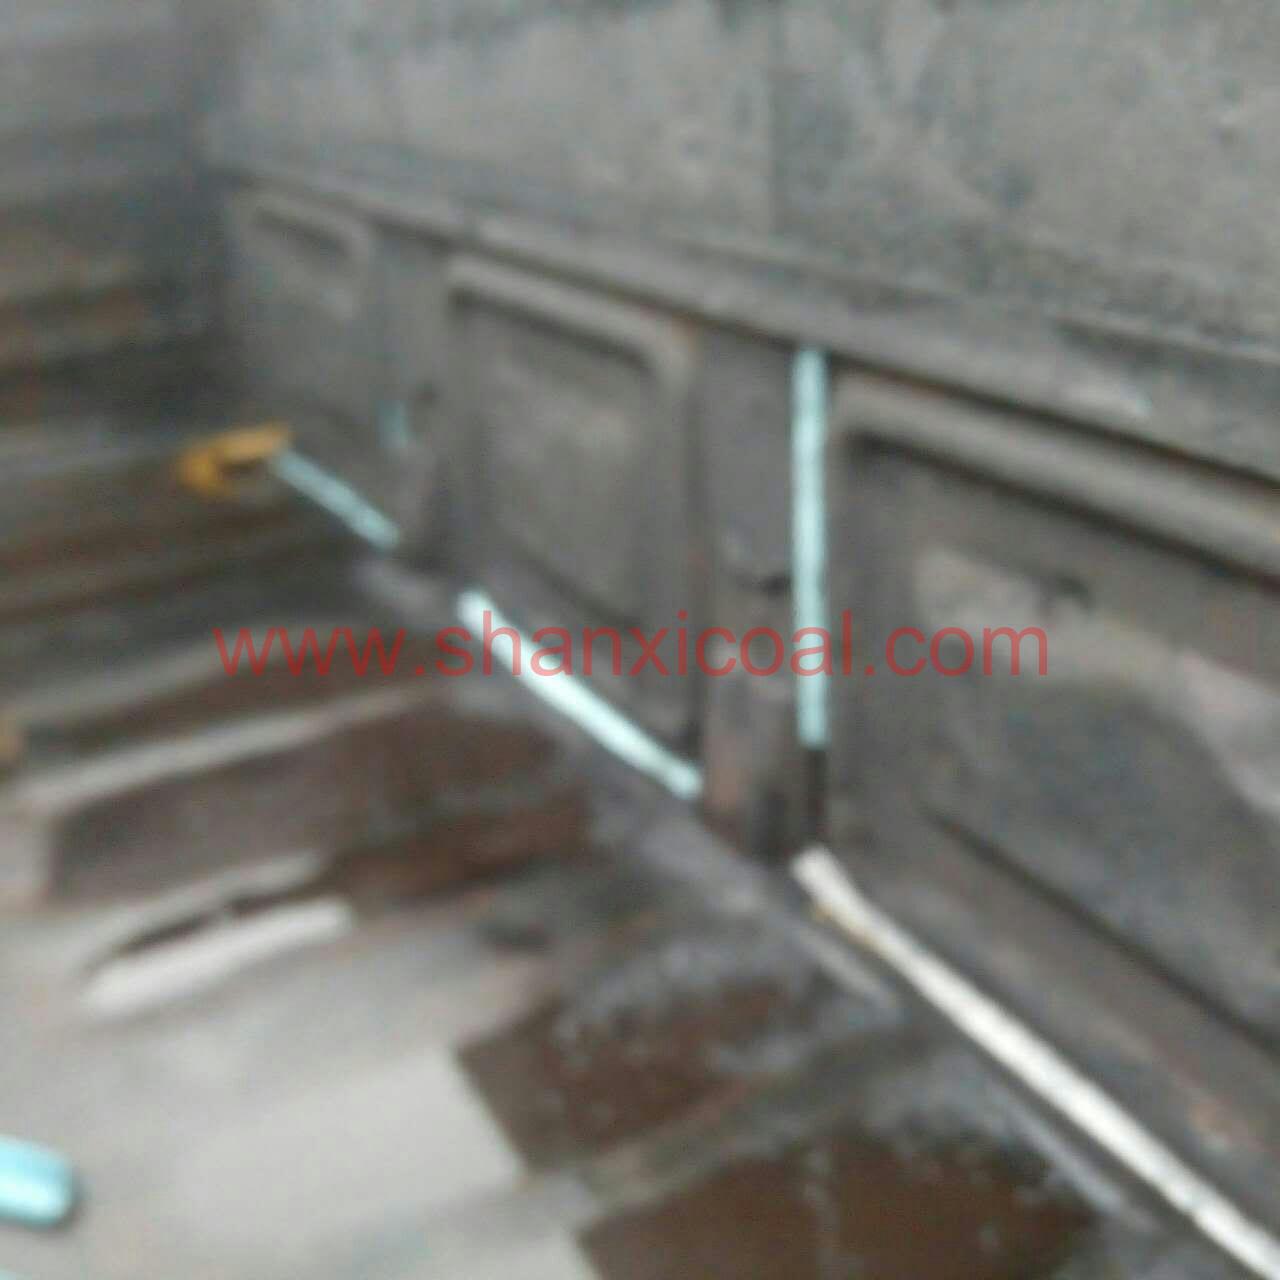 火车装煤专用封堵条,堵漏条。